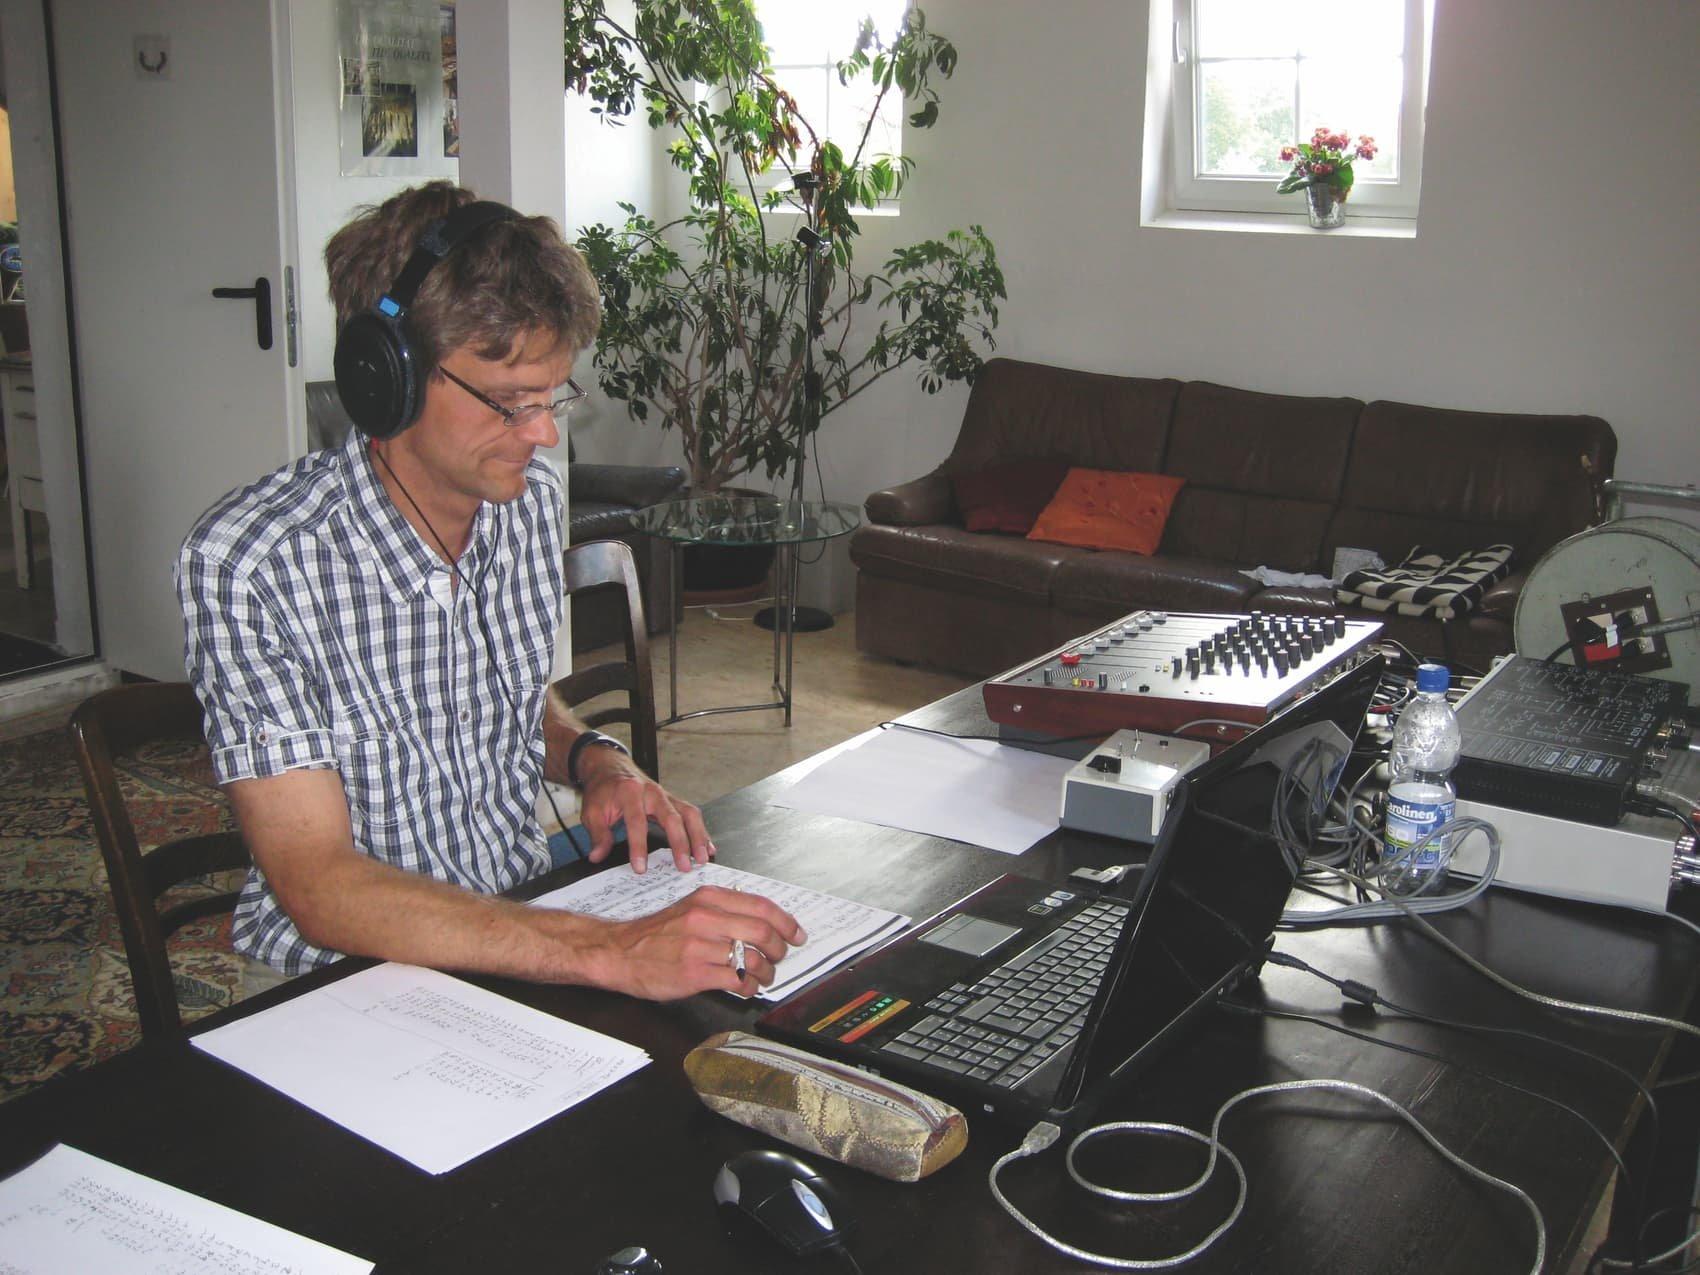 Tonstudio für professionelle CD-Produktionen, Demoaufnahmen und Konzertmitschnitte